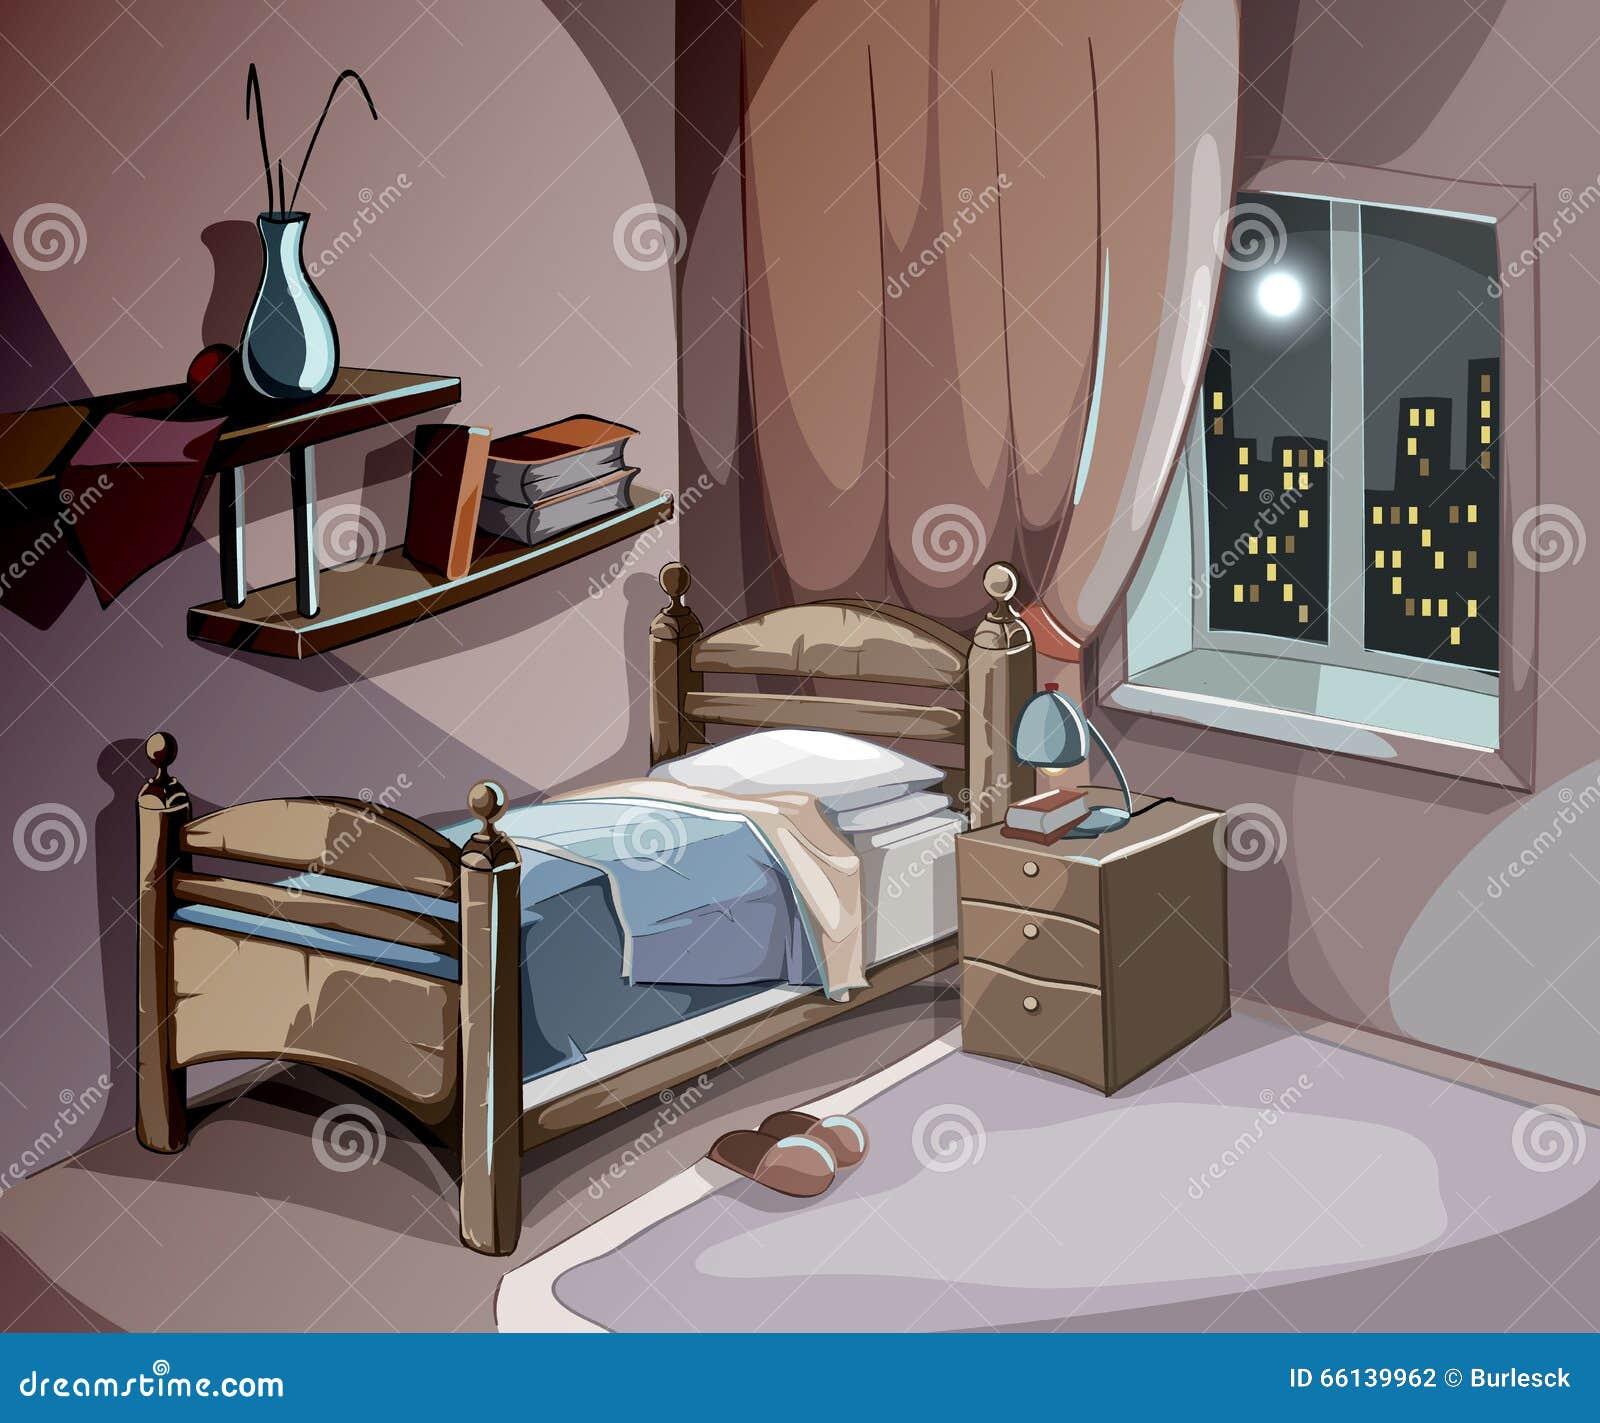 Desenho No Quarto ~ Interior Do Quarto Na Noite No Estilo Dos Desenhos Animados Fundo Do Conceito Do Sono Do Vetor